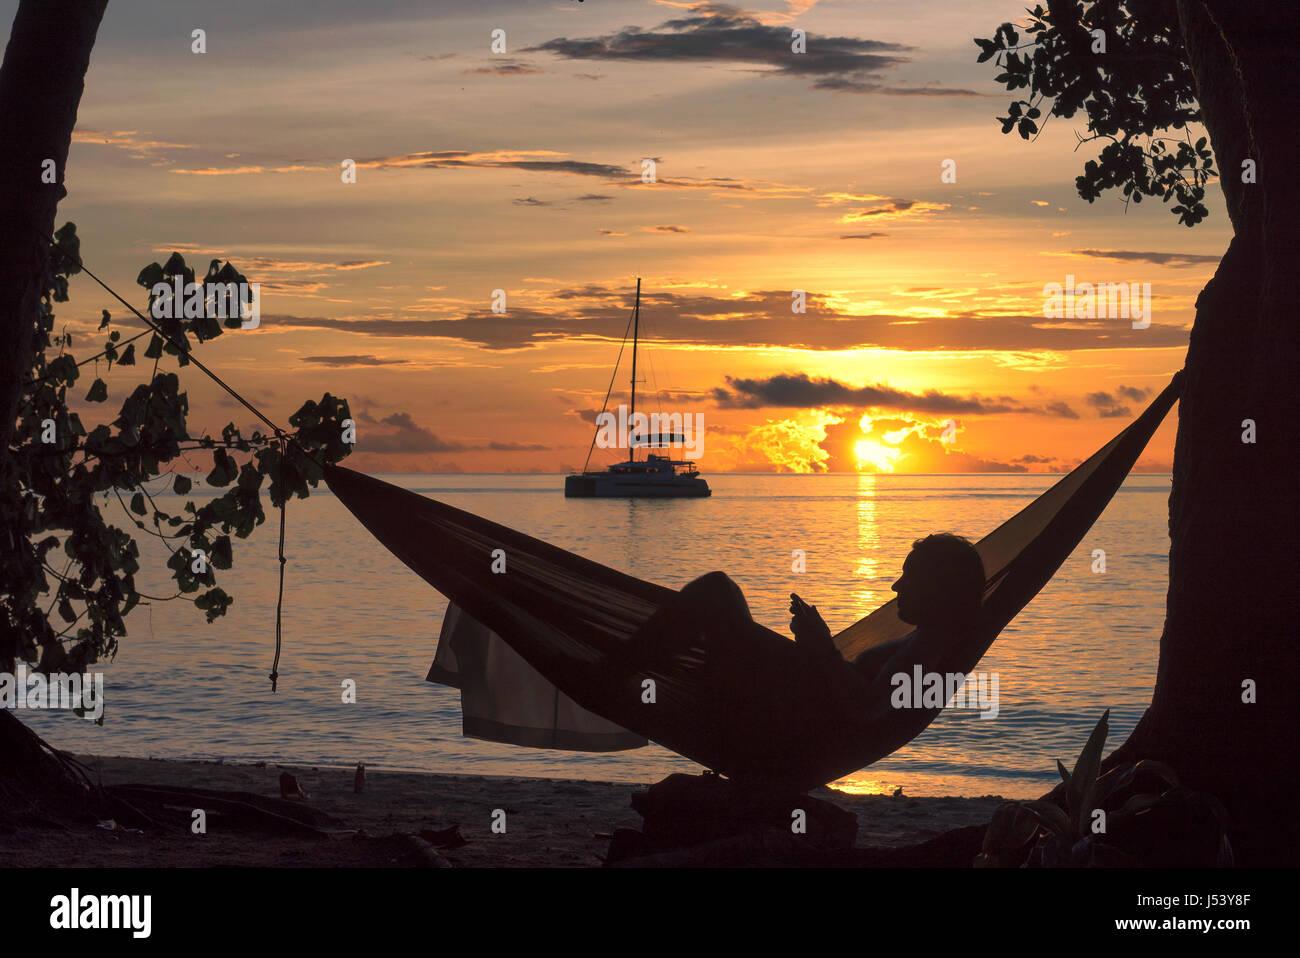 Les vacances à la plage, silhouette d'une femme lisant en hamac au coucher du soleil sur l'île Photo Stock